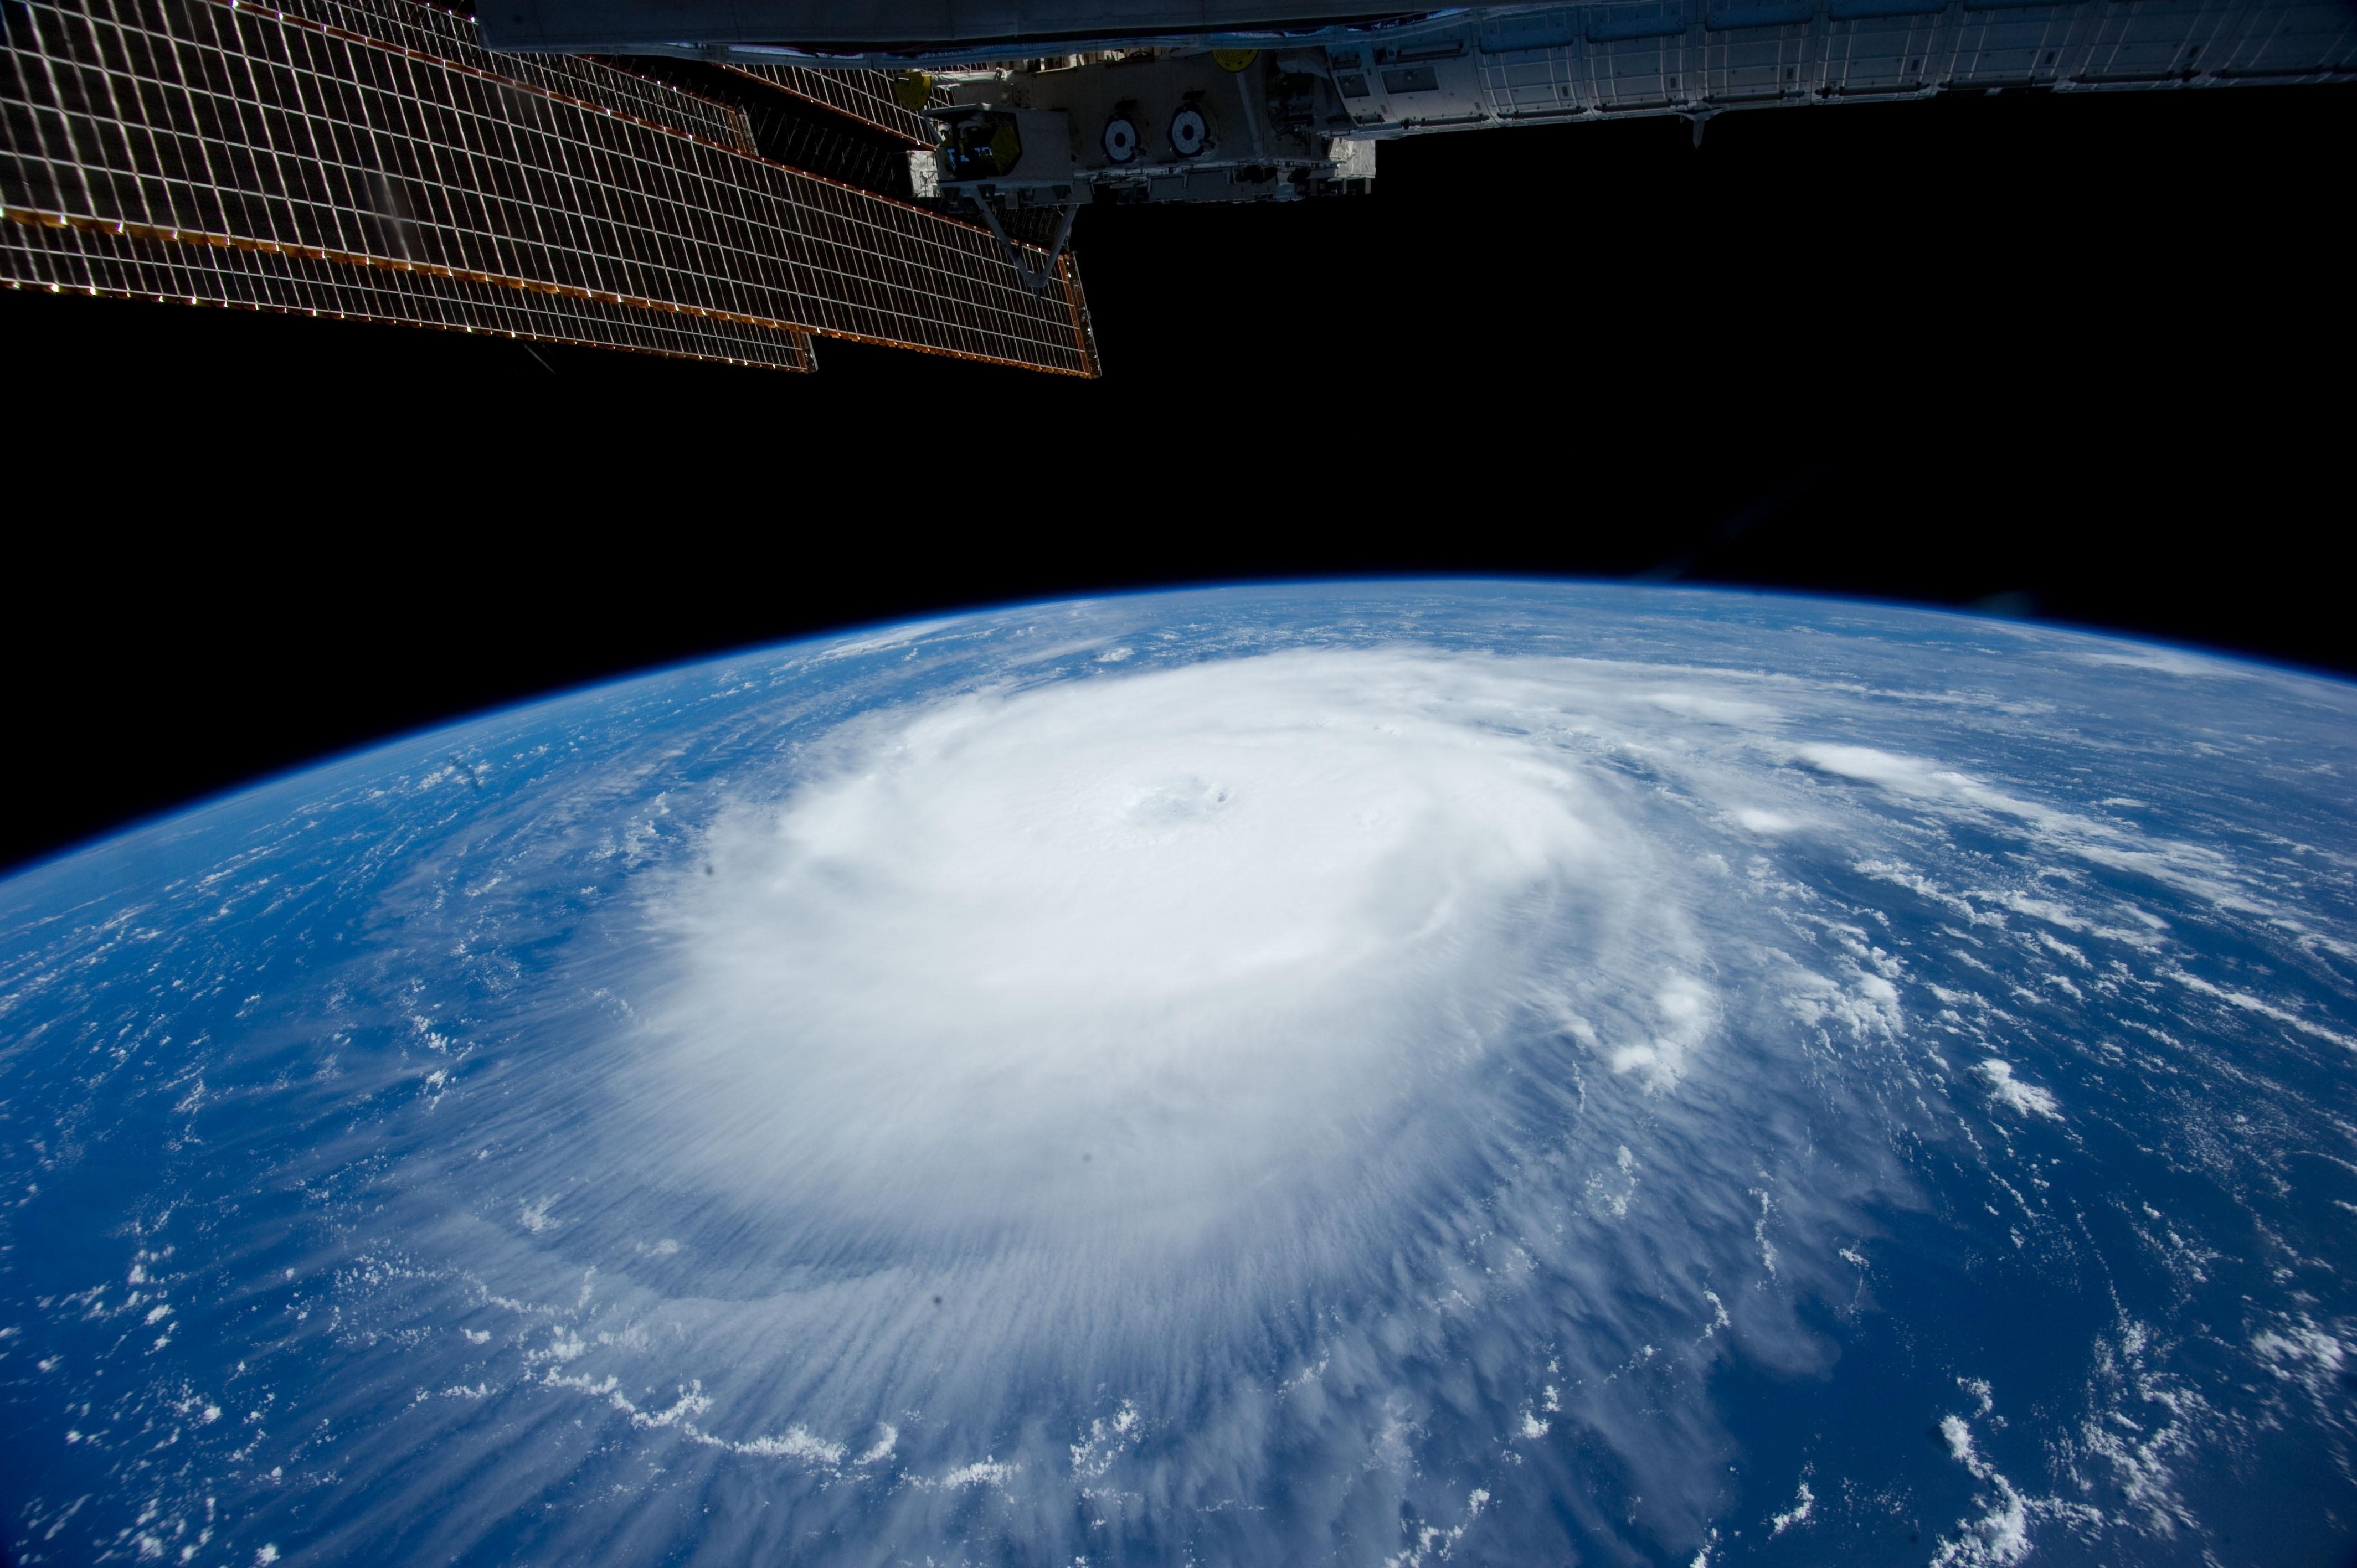 108723 économiseurs d'écran et fonds d'écran Nuages sur votre téléphone. Téléchargez Univers, Nuages, Élément, Terre, Ouragan, Iss images gratuitement